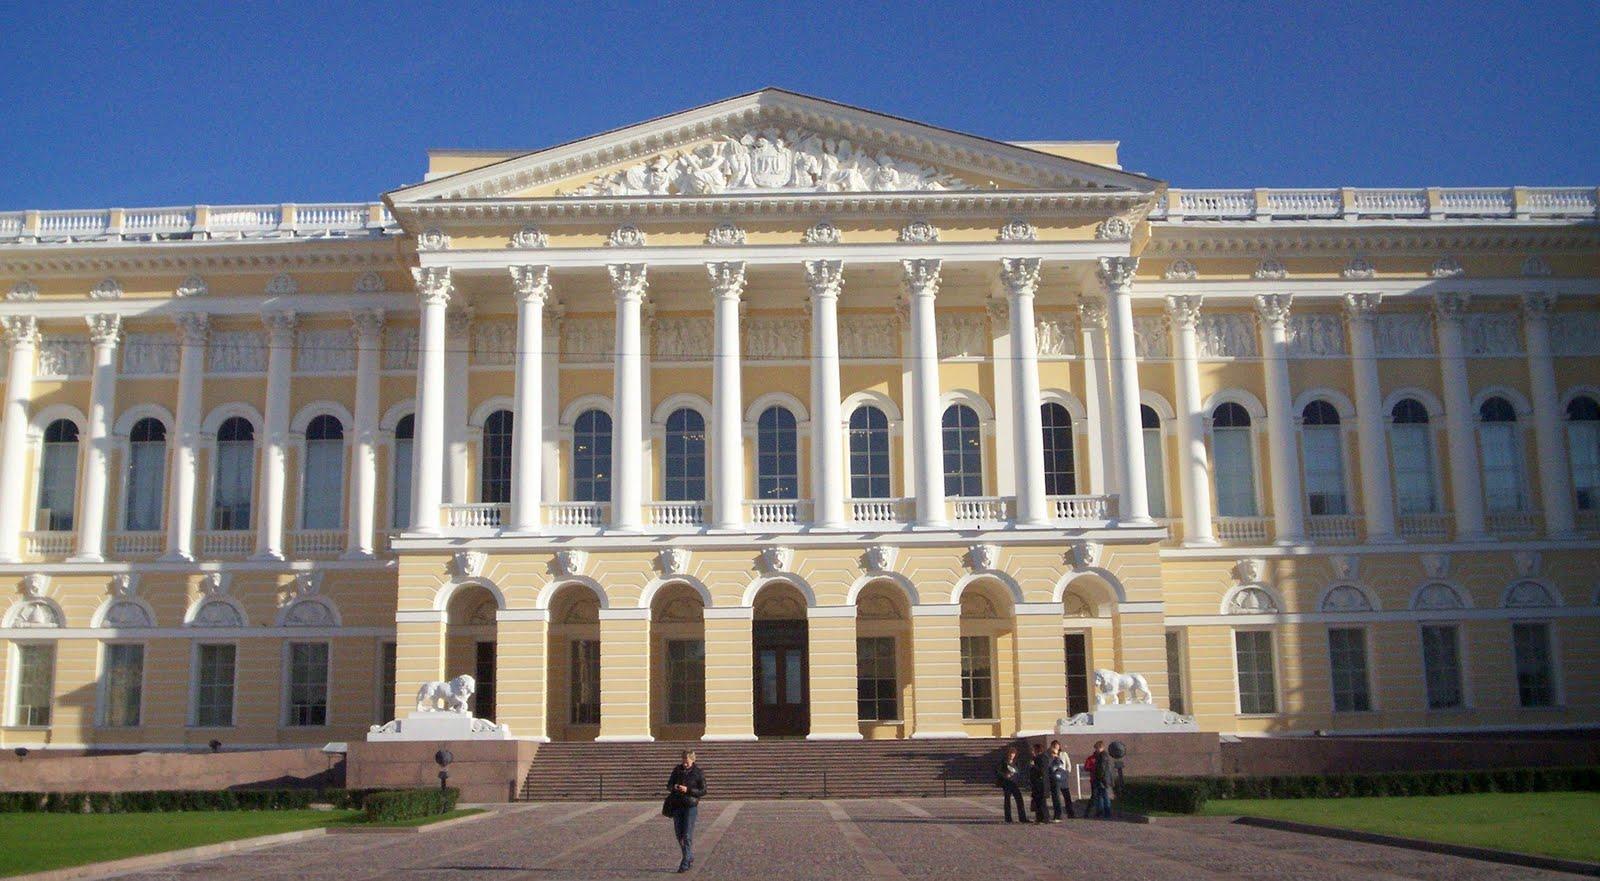 Neden Petersburg adı verildi Sorusuna doğru cevap